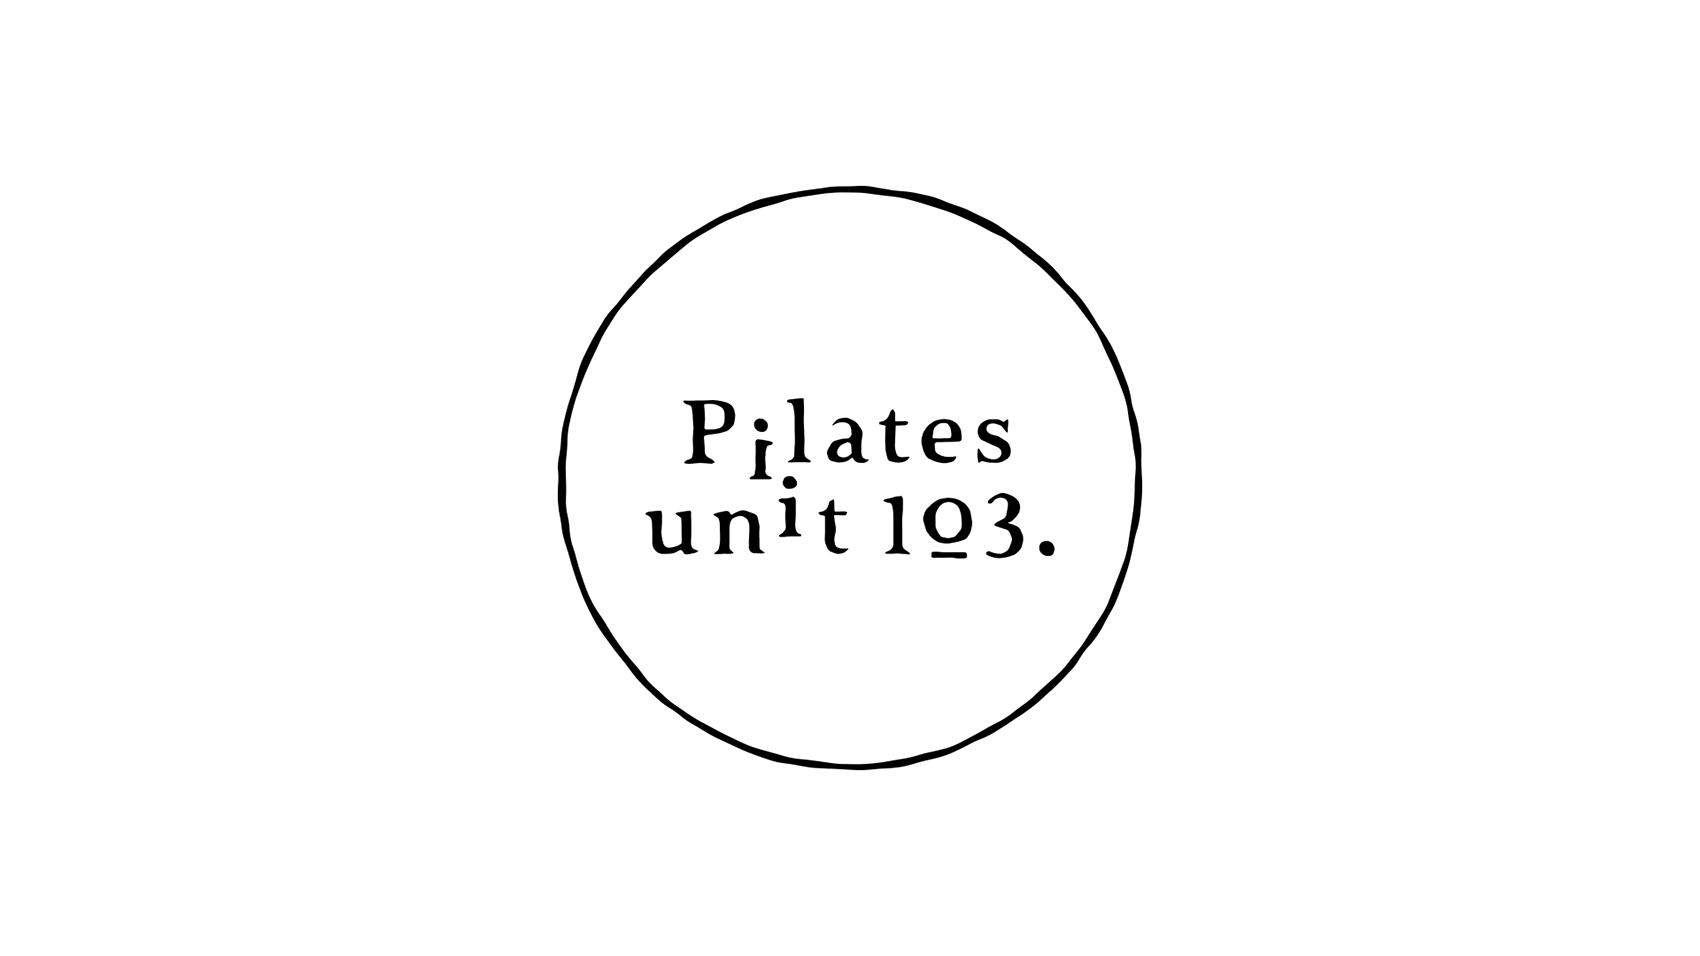 カフェの雰囲気を。ピラティススタジオ「Pilates unit 103.」のロゴデザイン